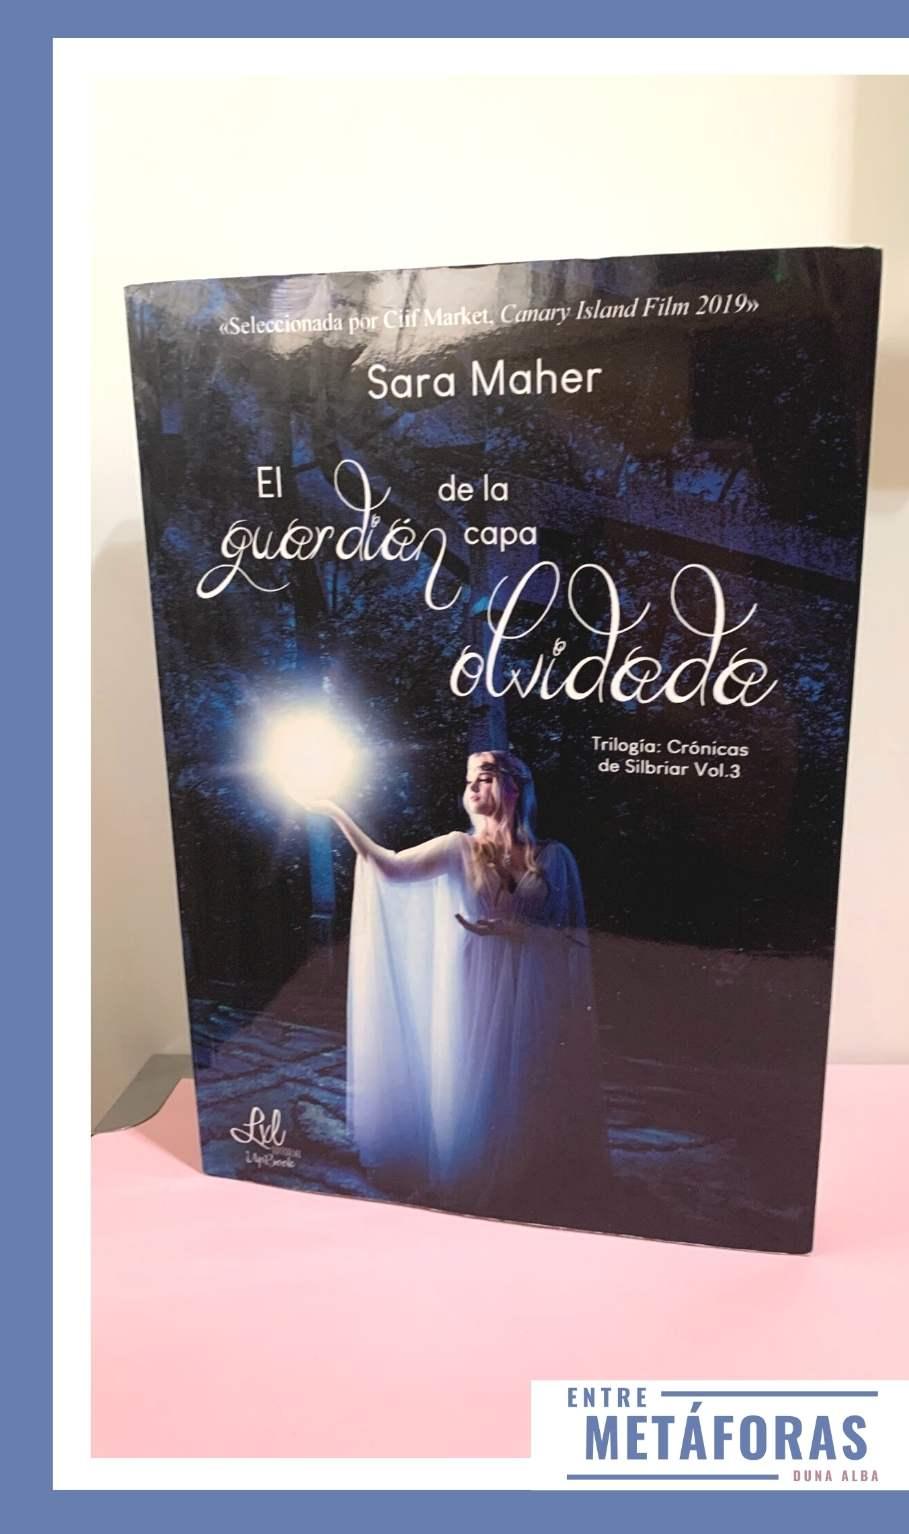 El guardian de la capa olvidad, de Sara Maher - Reseña